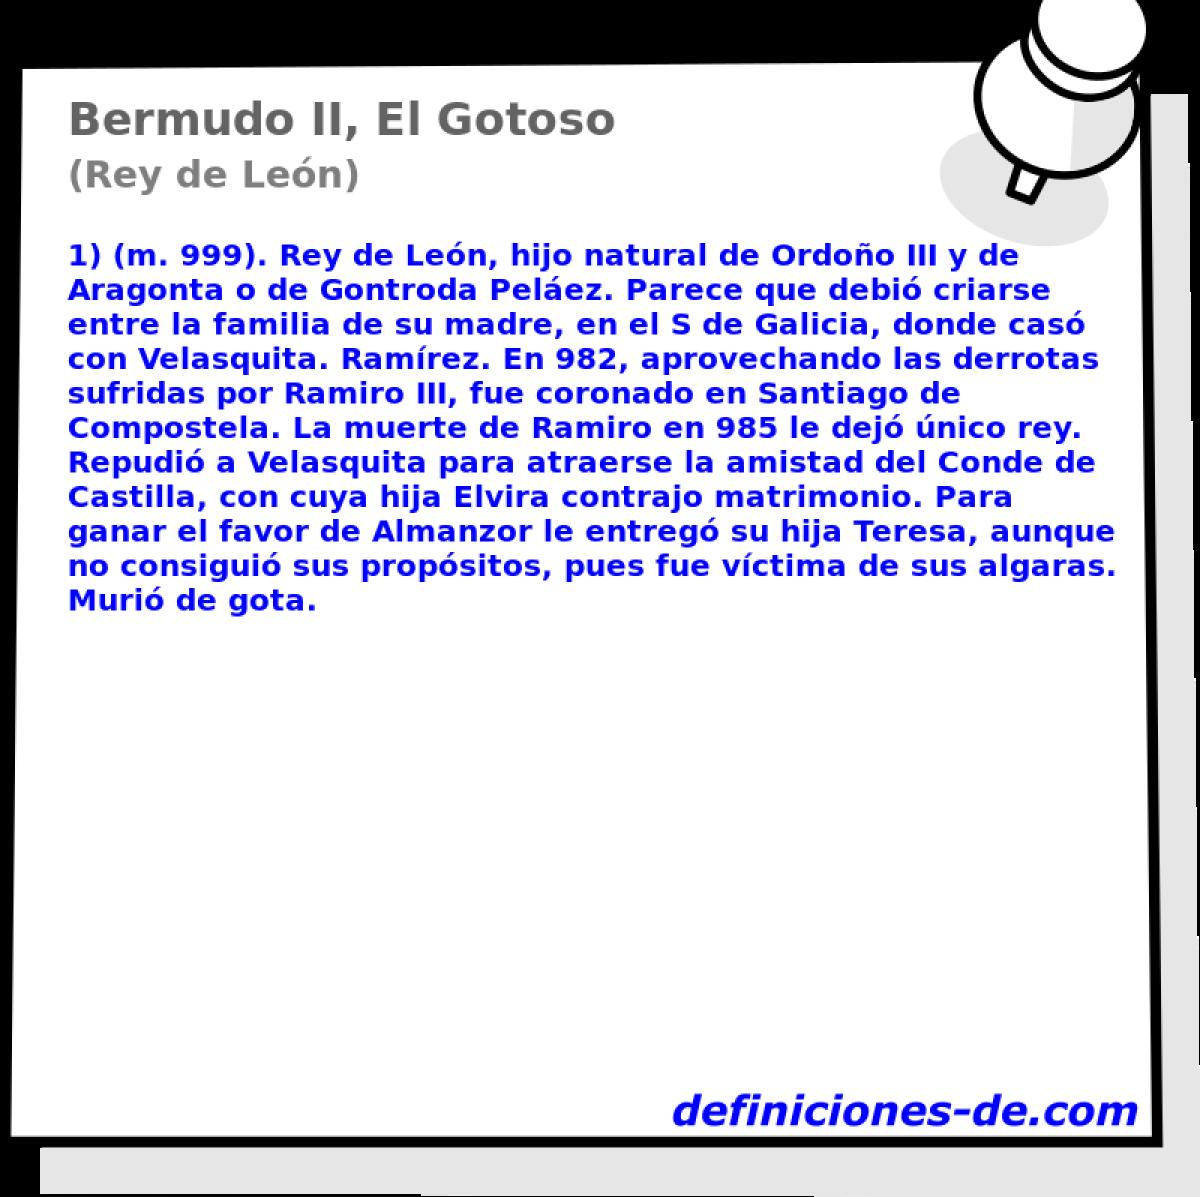 Gotosorey León De Bermudo IiEl Breve Biografía thrdCsxBQ